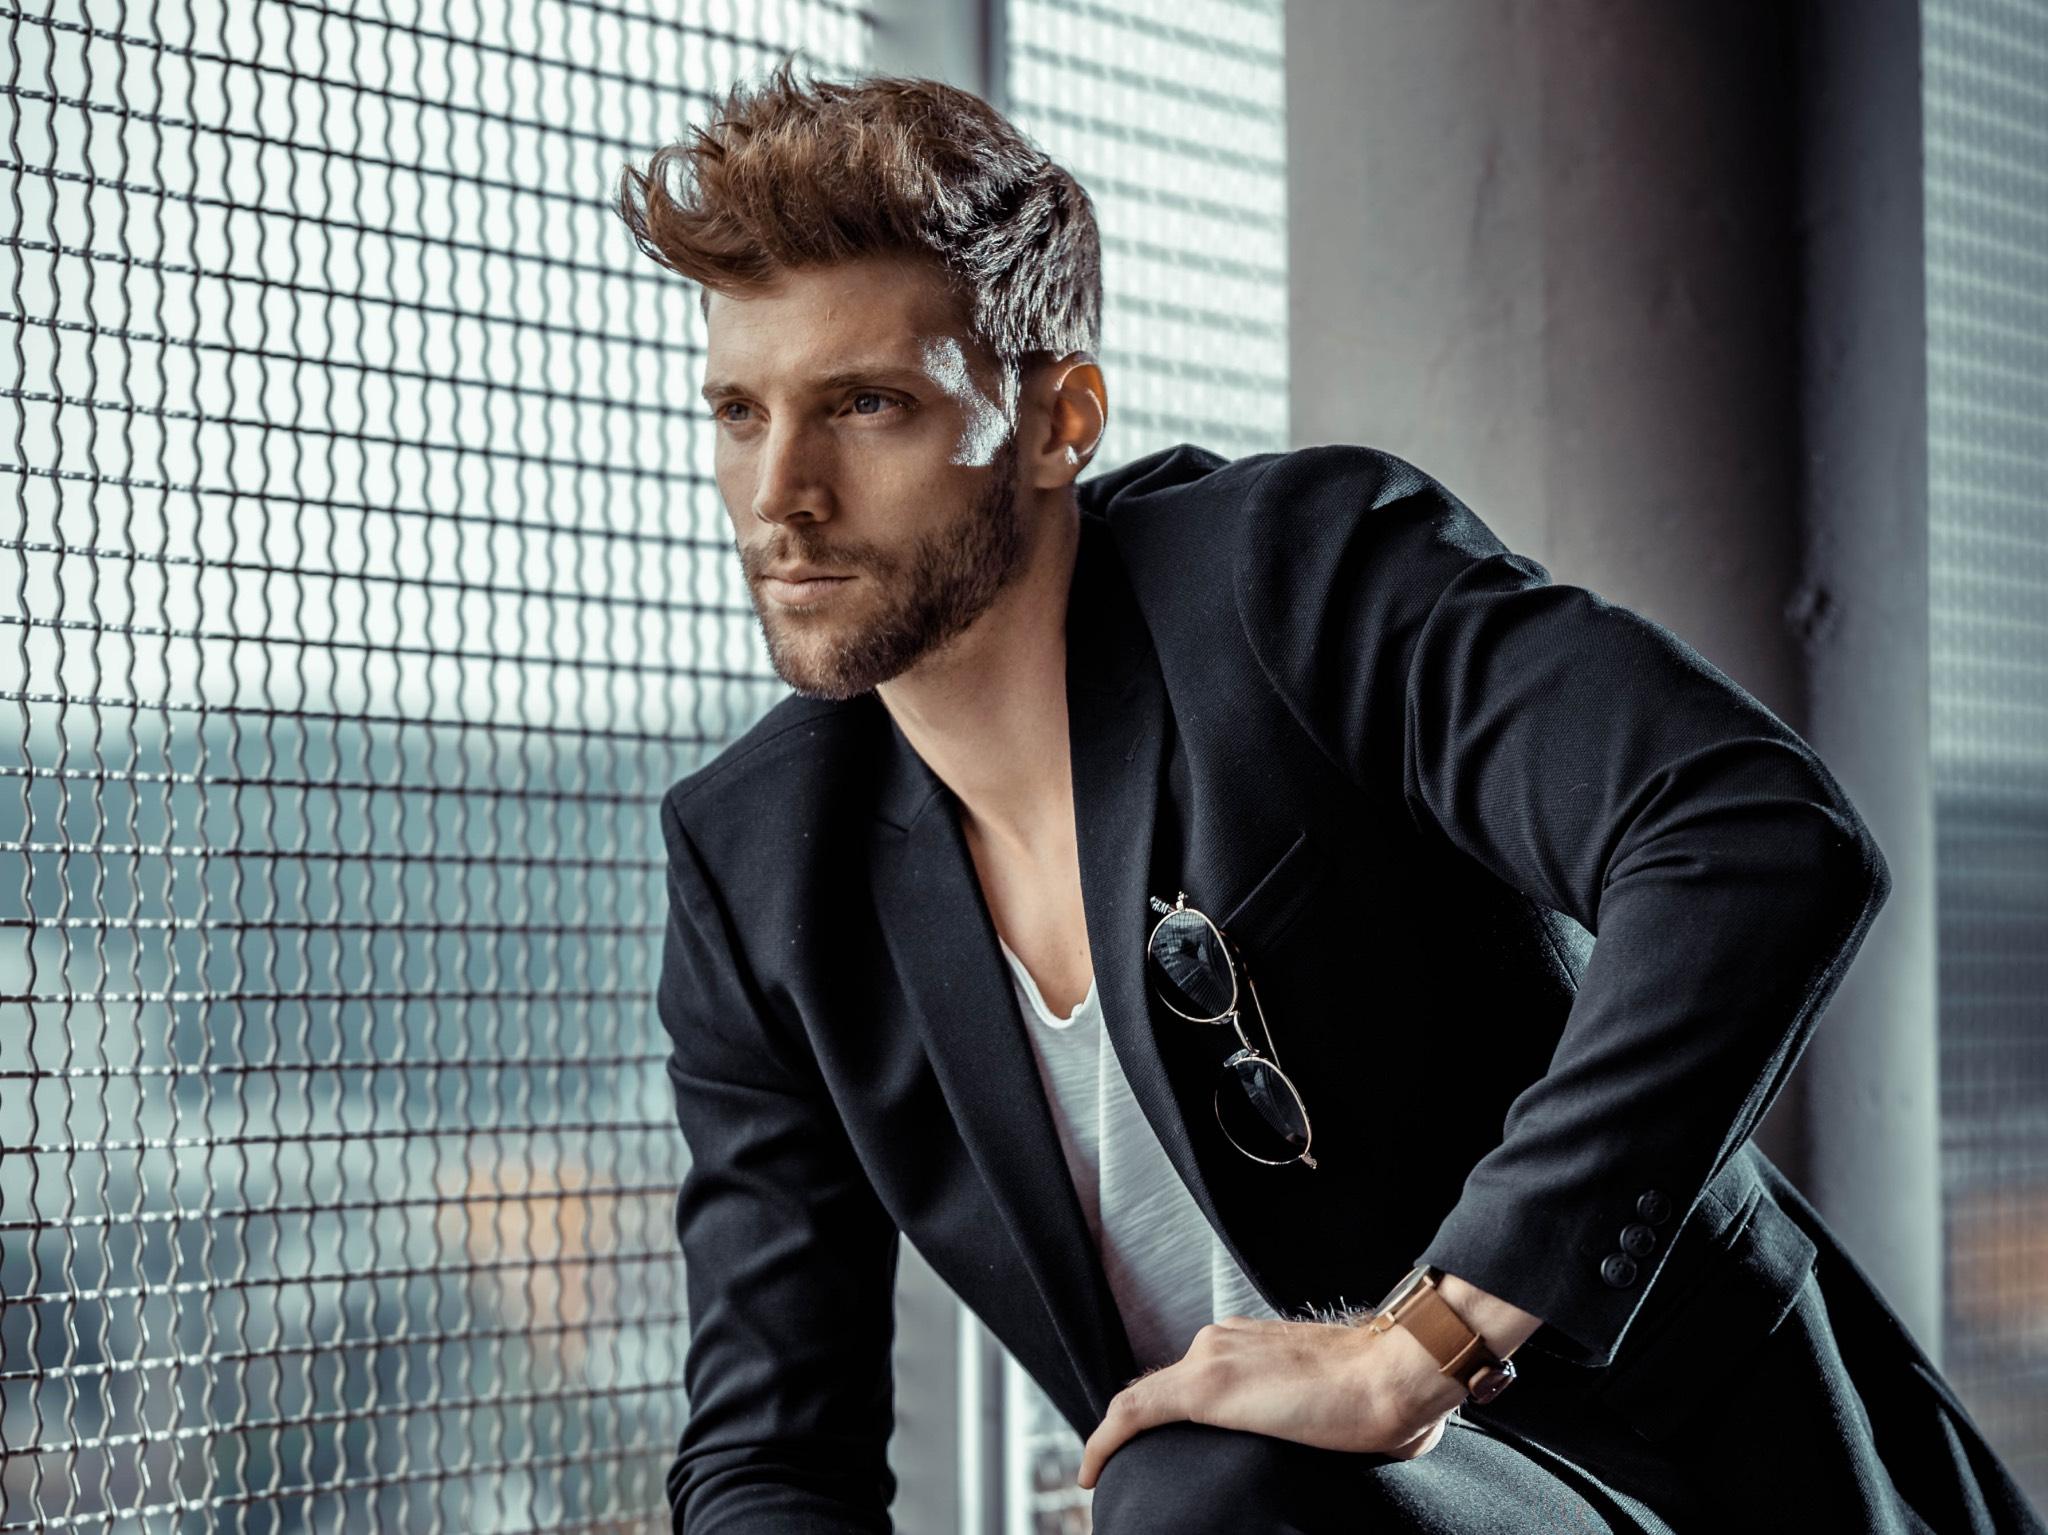 Philipp modelt auch erfolgreich. Foto: Philipp Seidenspinner